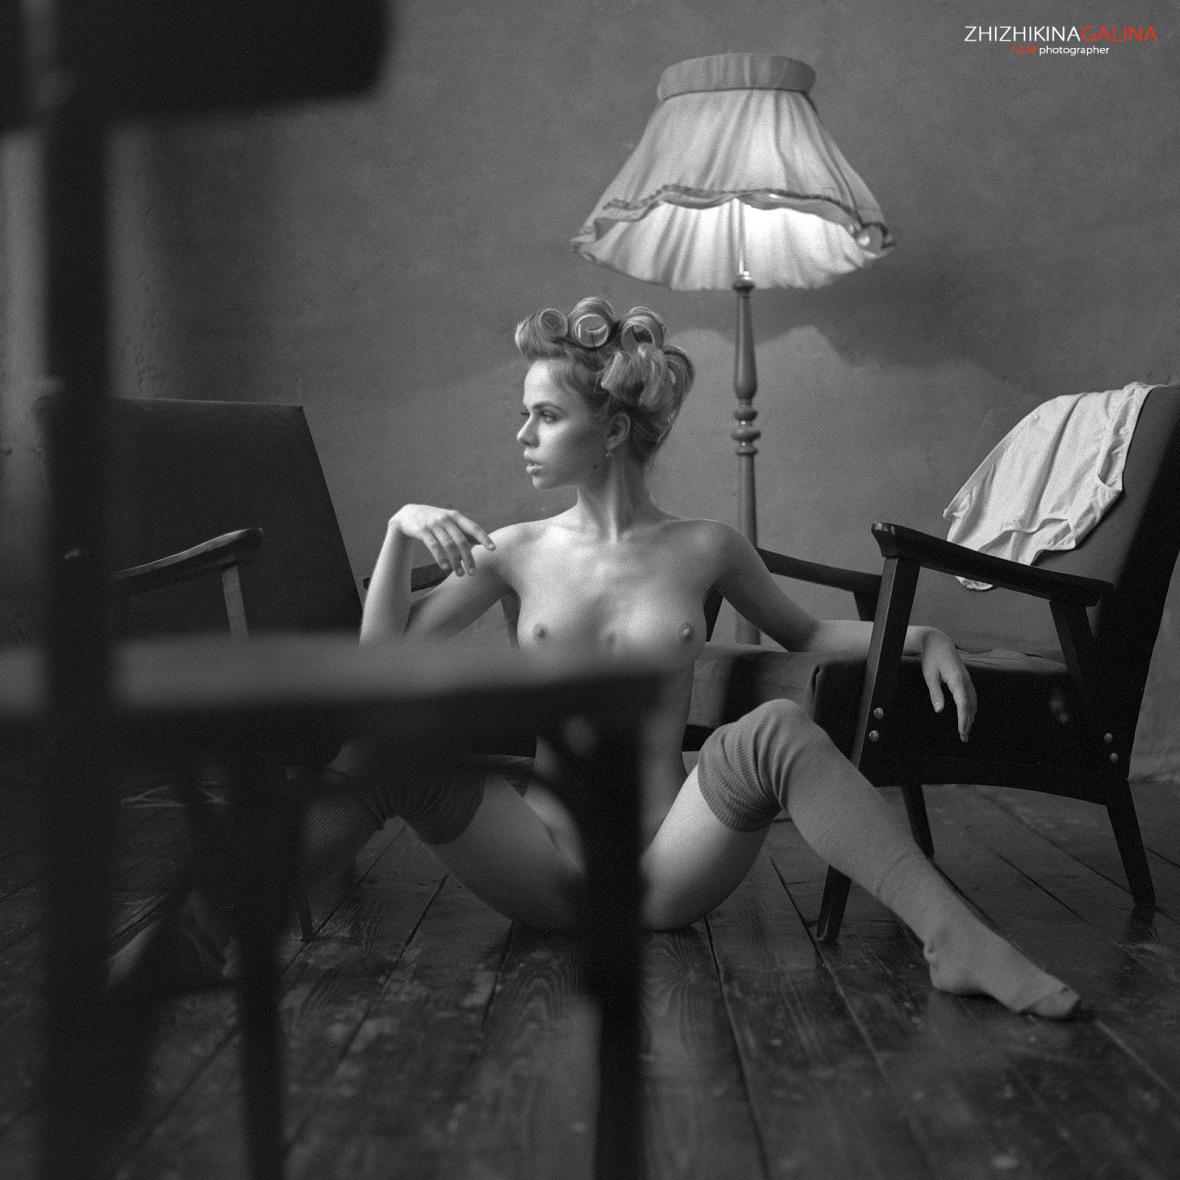 как всегда голая Александра Смелова / фотограф Галина Жижикина